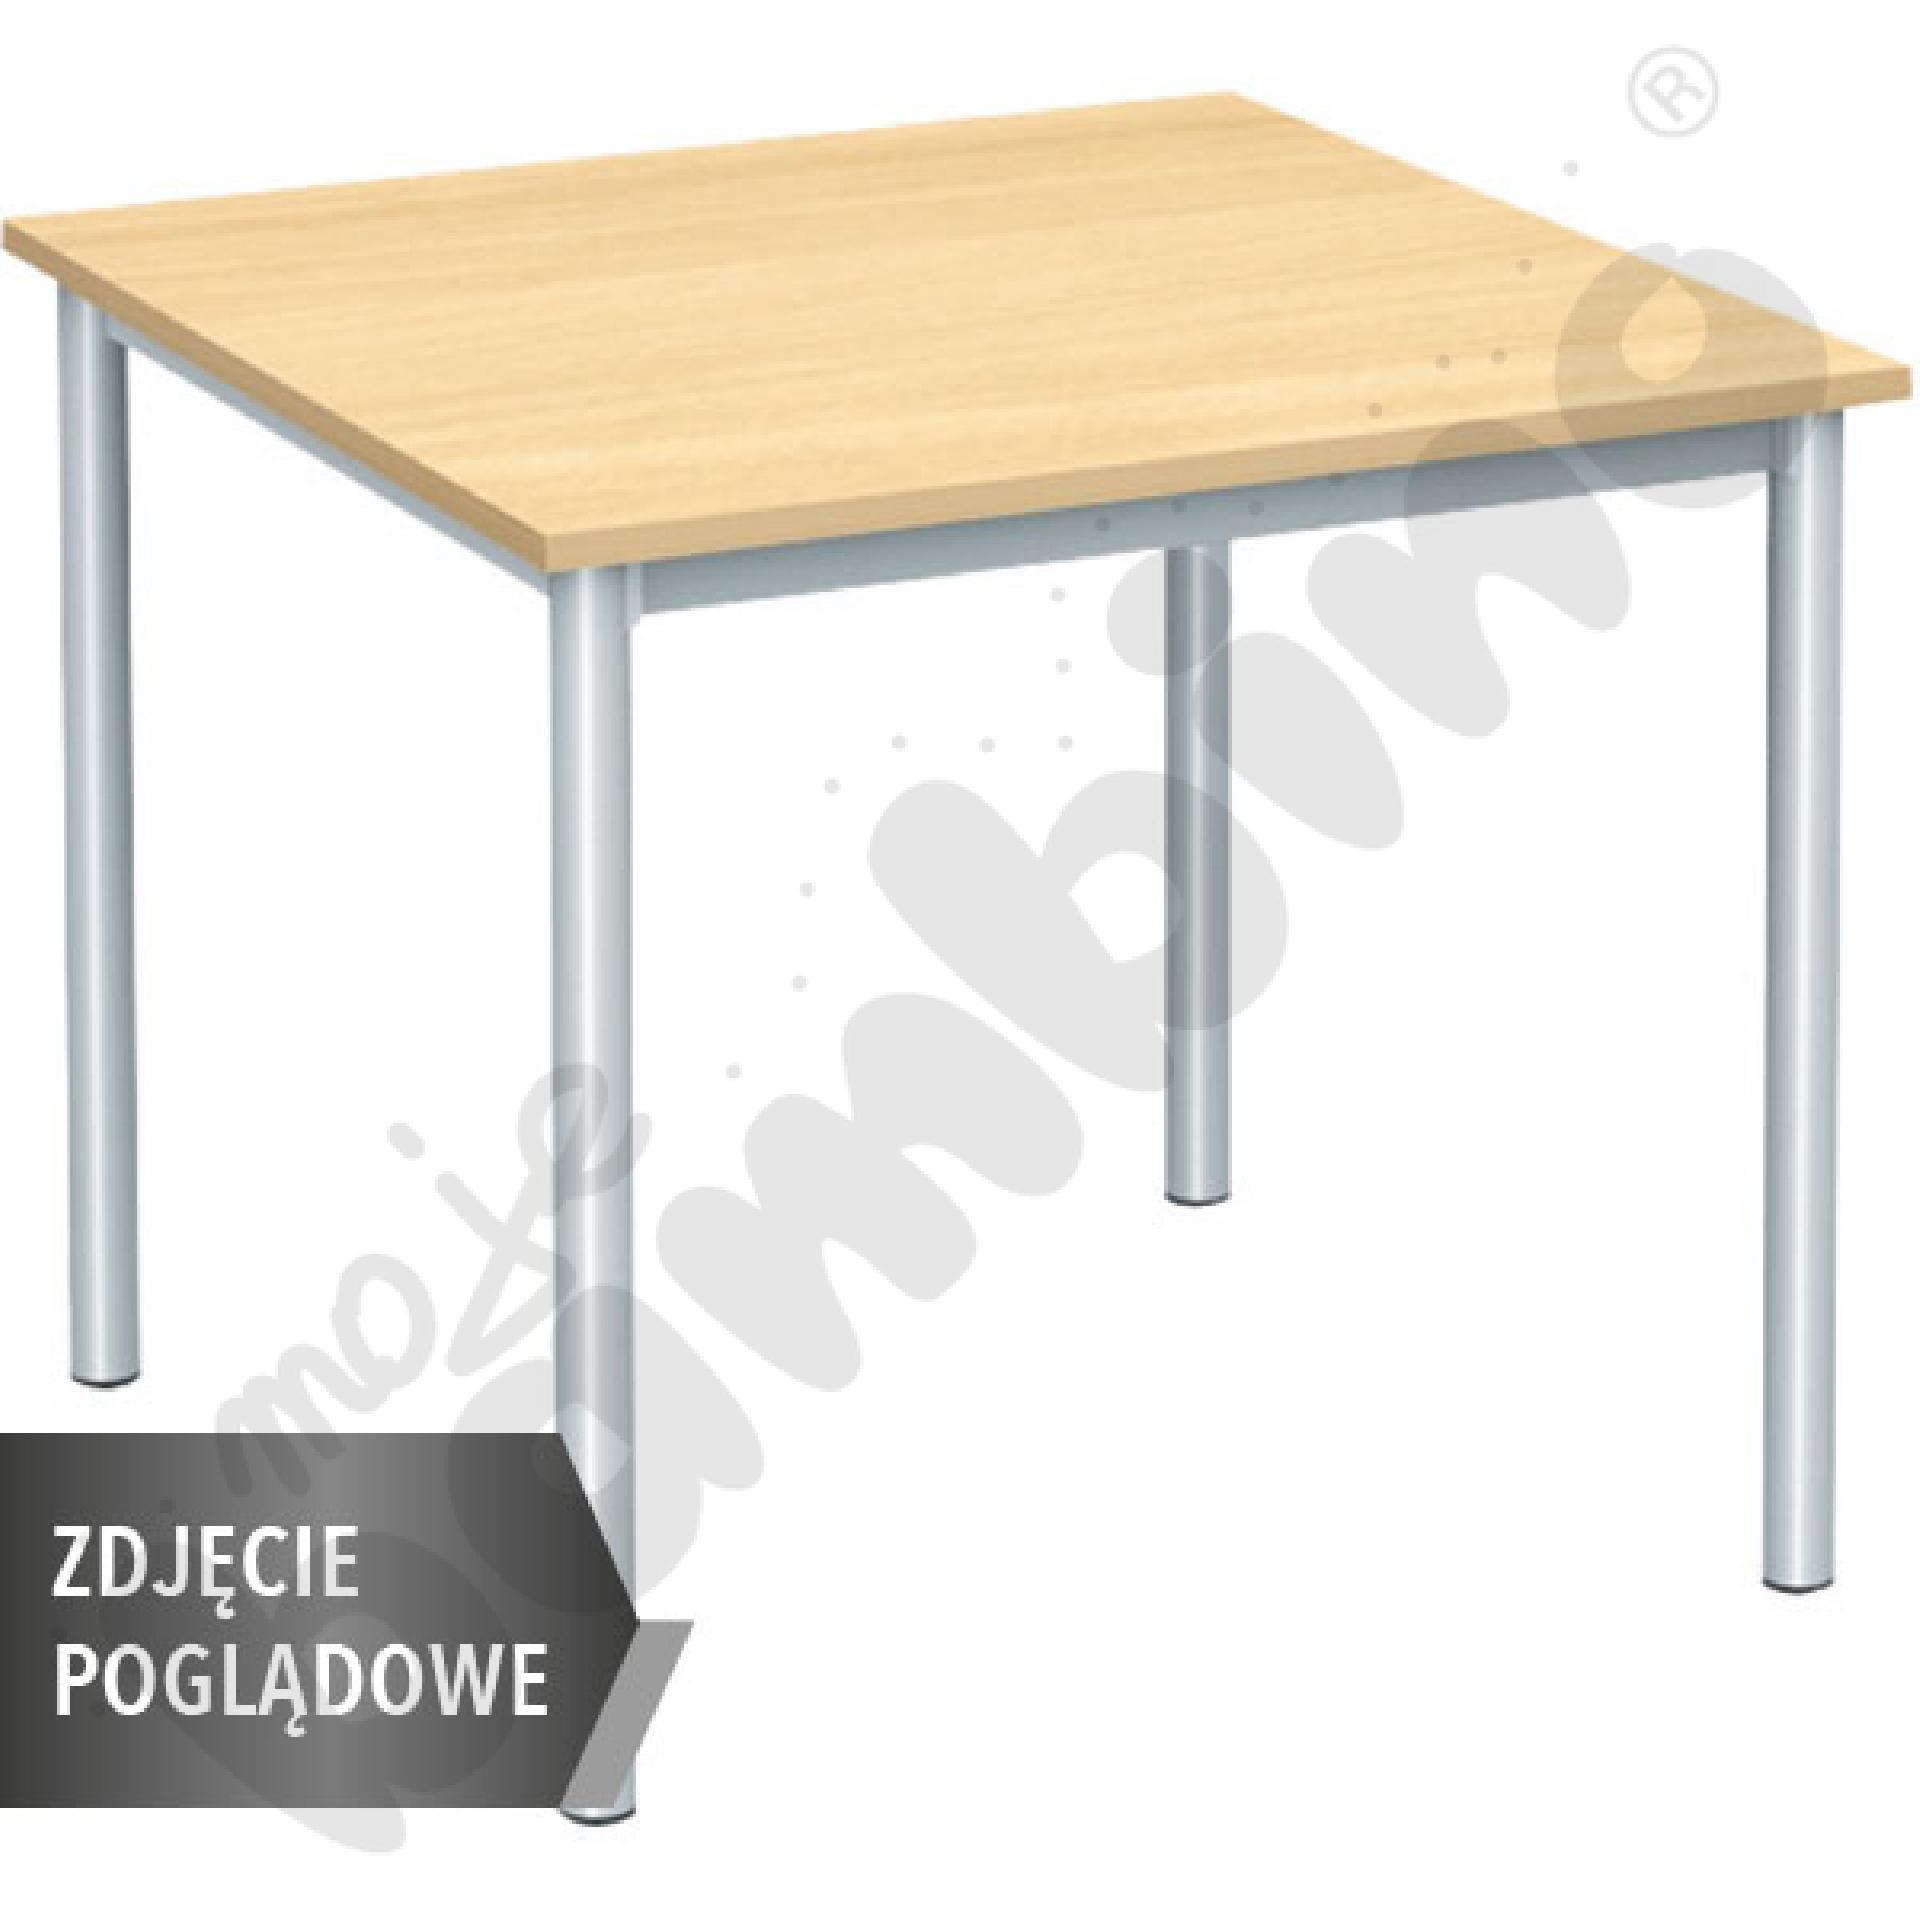 Stół Mila 80x80 rozm. 6, 4os., stelaż czerwony, blat buk, obrzeże ABS, narożniki proste